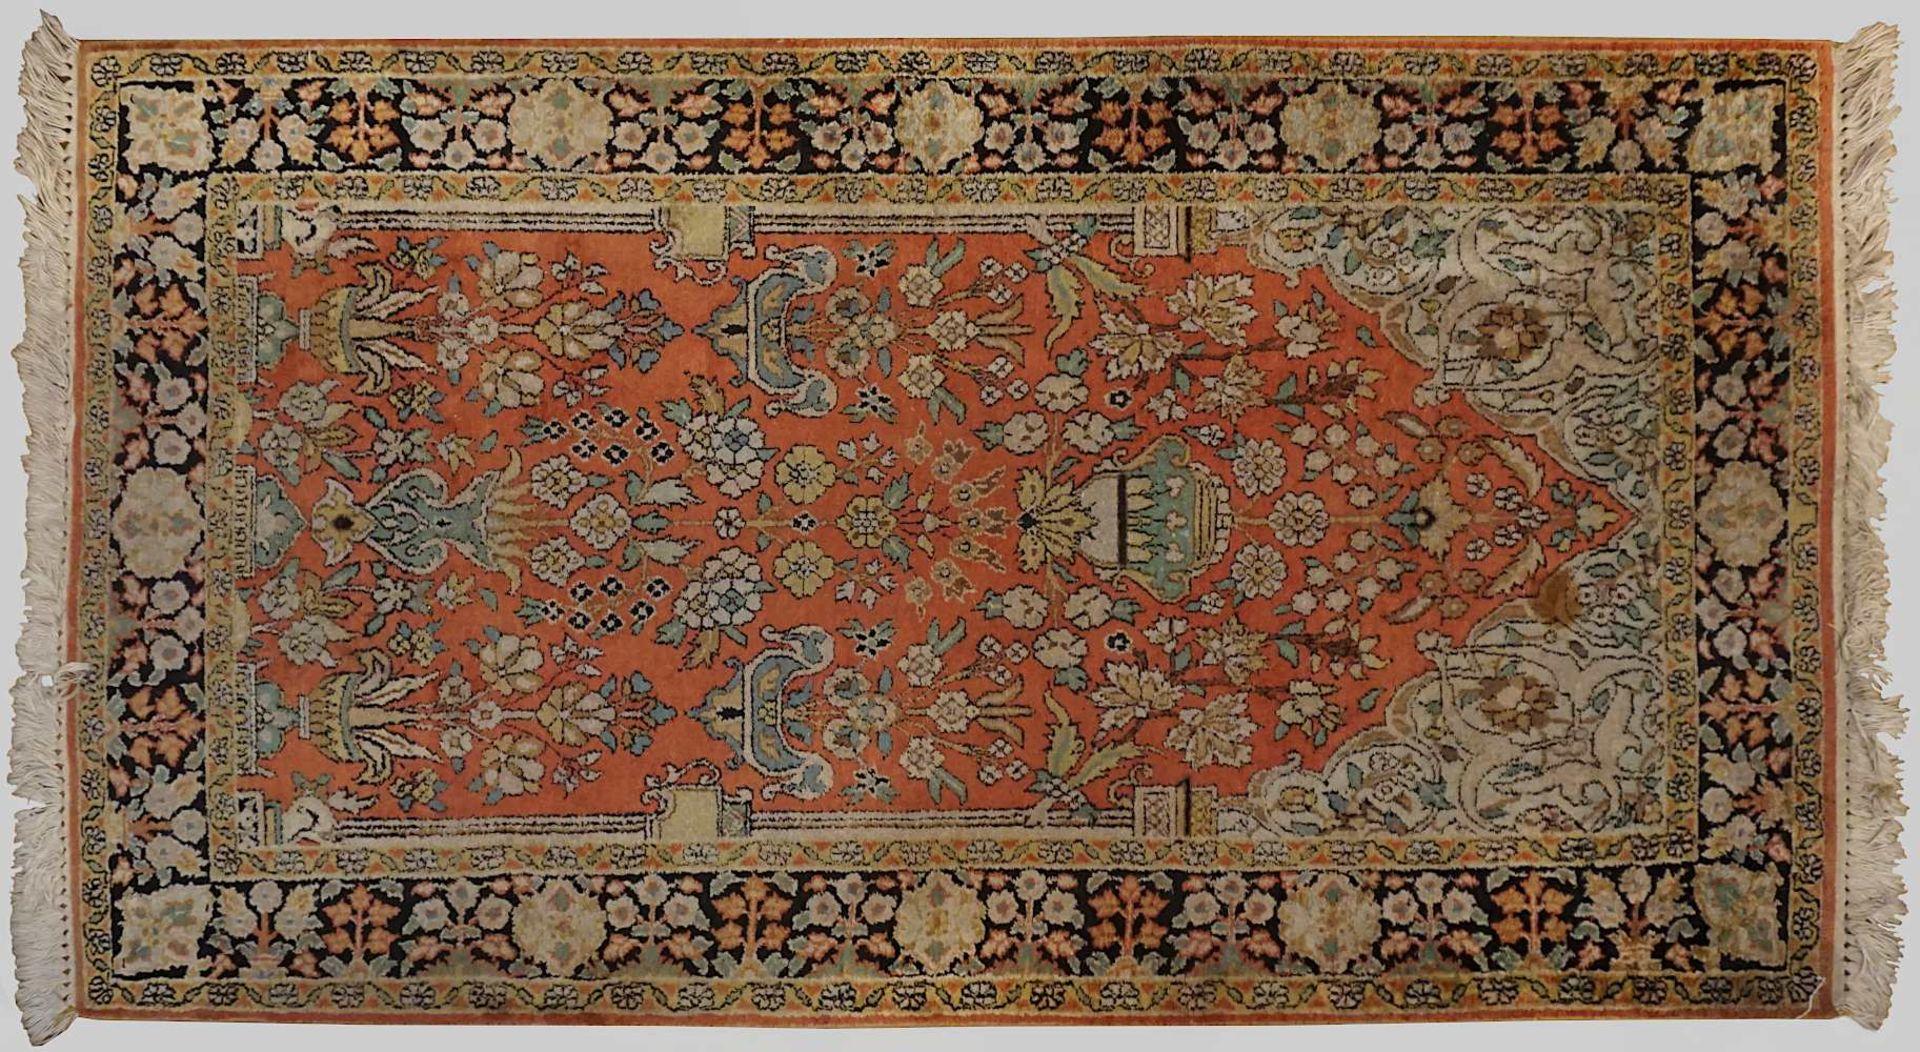 1 Orientteppich TÄBRIZ, wohl Seide, 20. Jh. Mittelfeld hellbraungrundig, mit blaupetr - Bild 2 aus 2